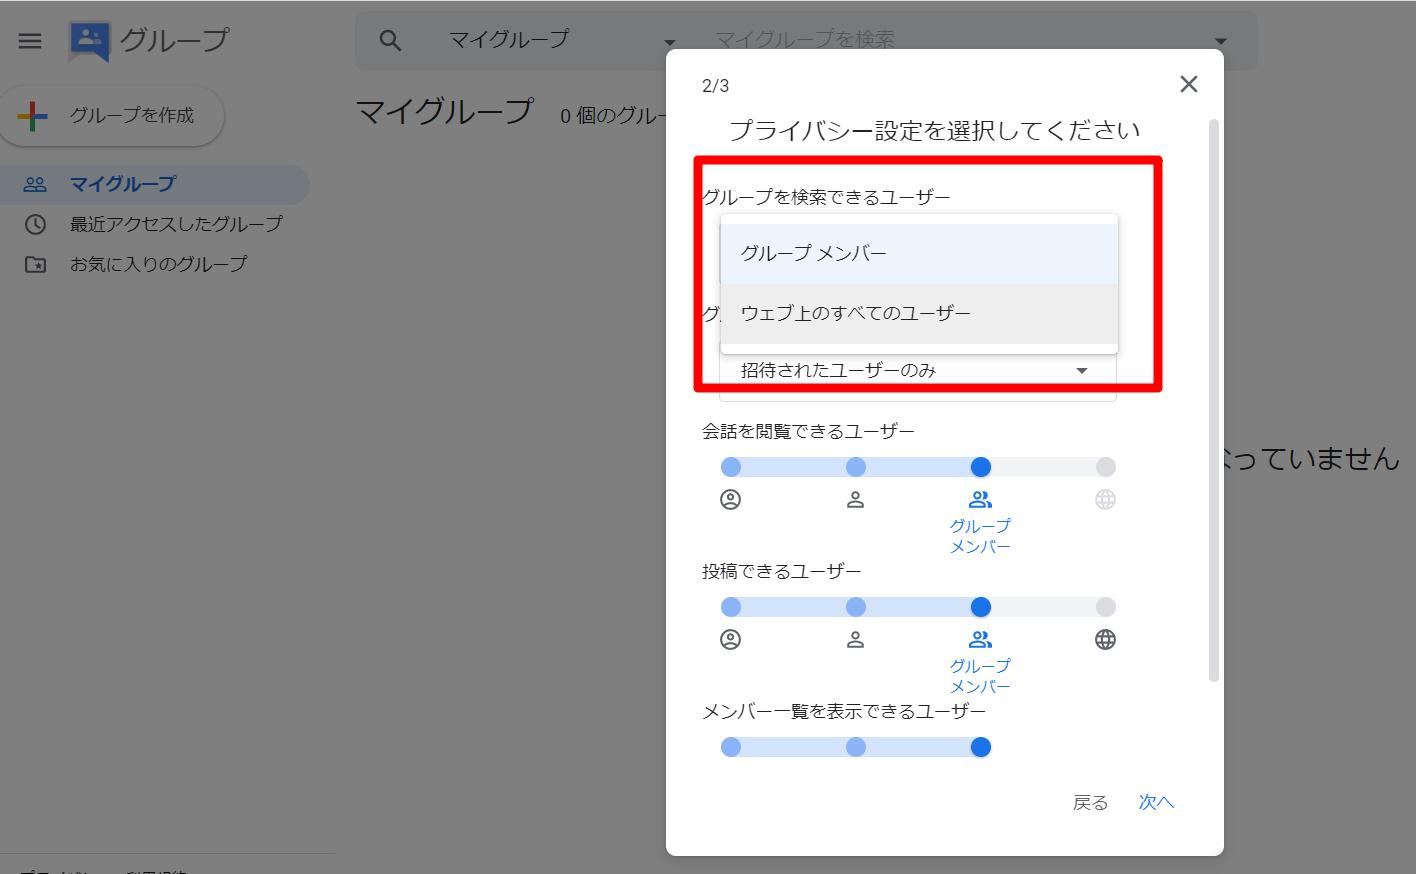 【Gmail】メーリングリストが便利!グループの作り方・使い方《PC》1-4-1